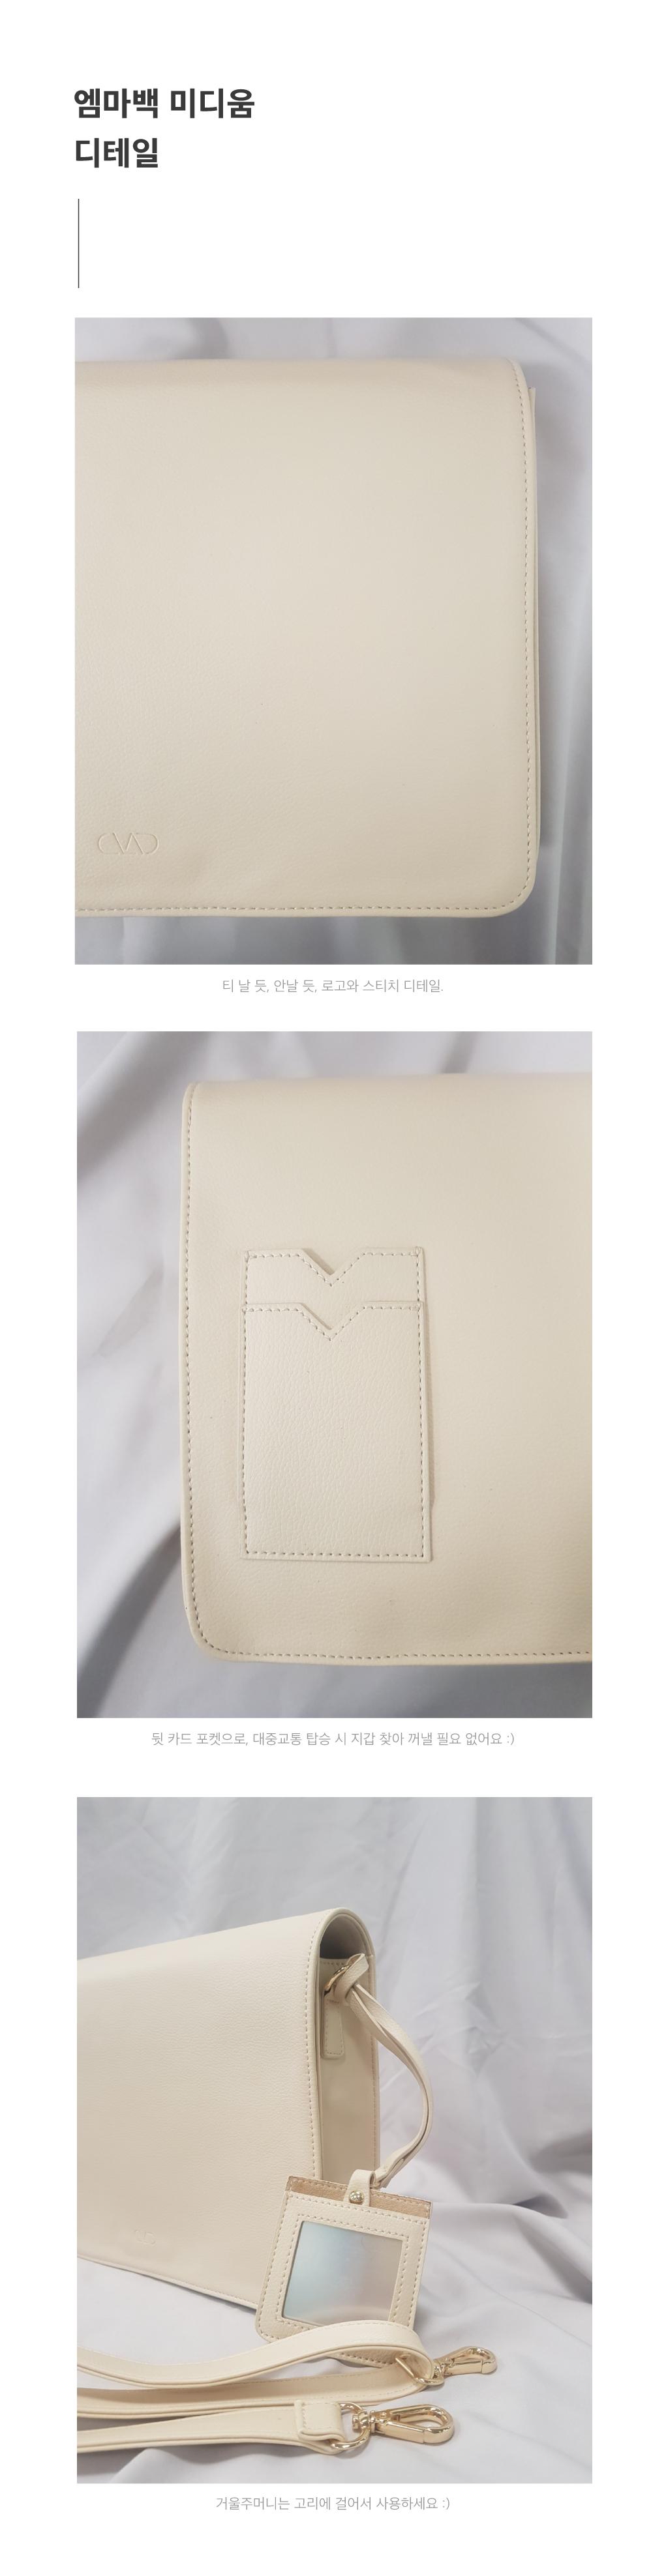 엠마백-미디엄크림-상세페이지5.jpg